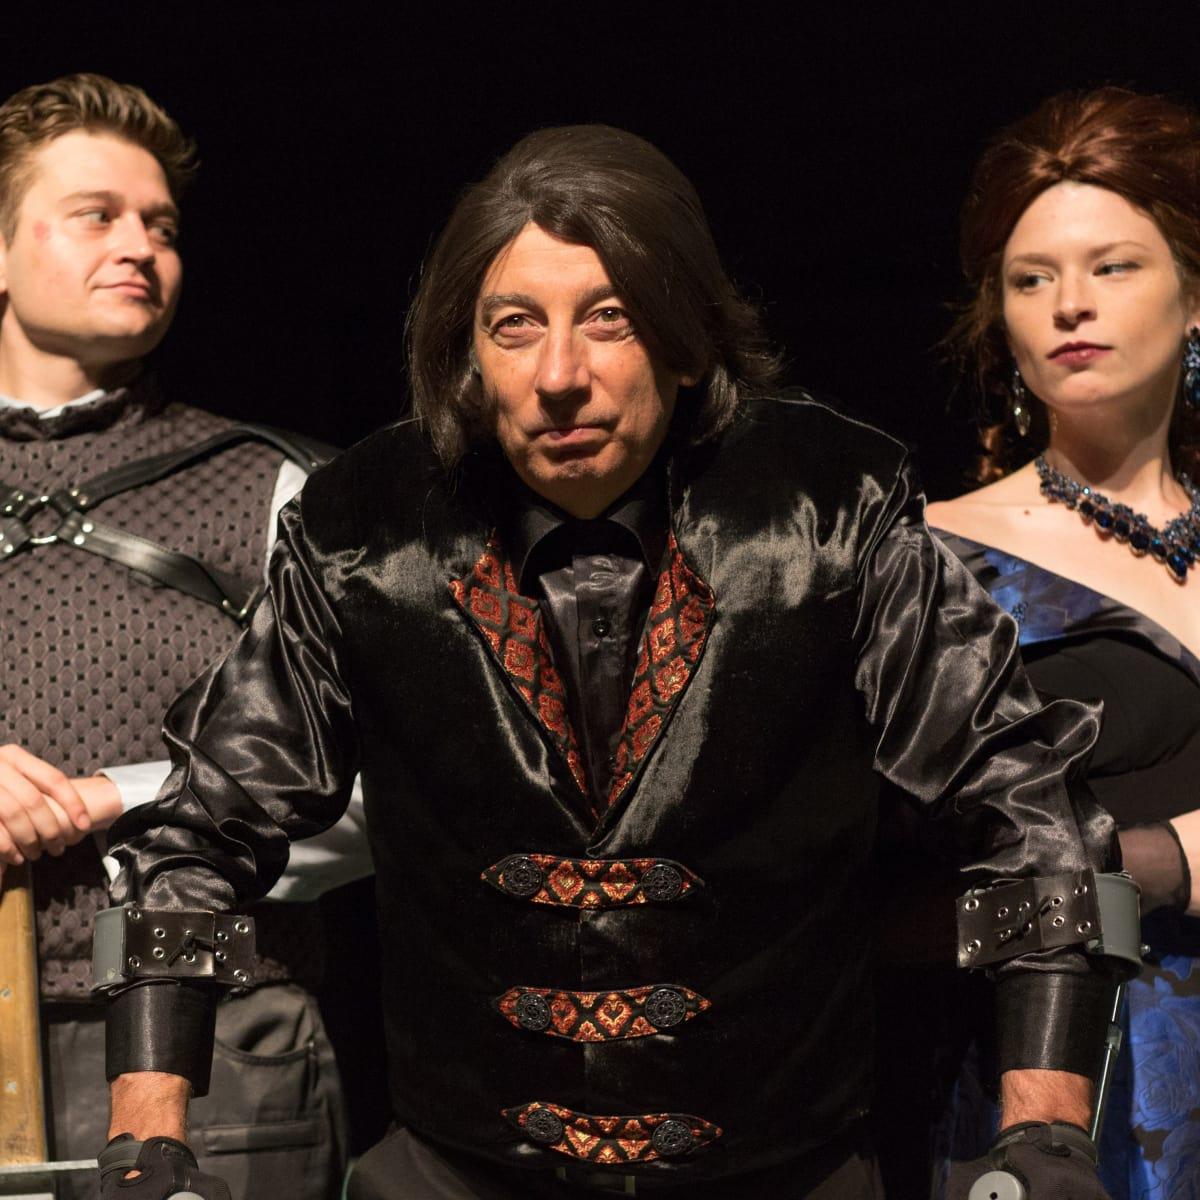 Houston Shakespeare Festival perfomers